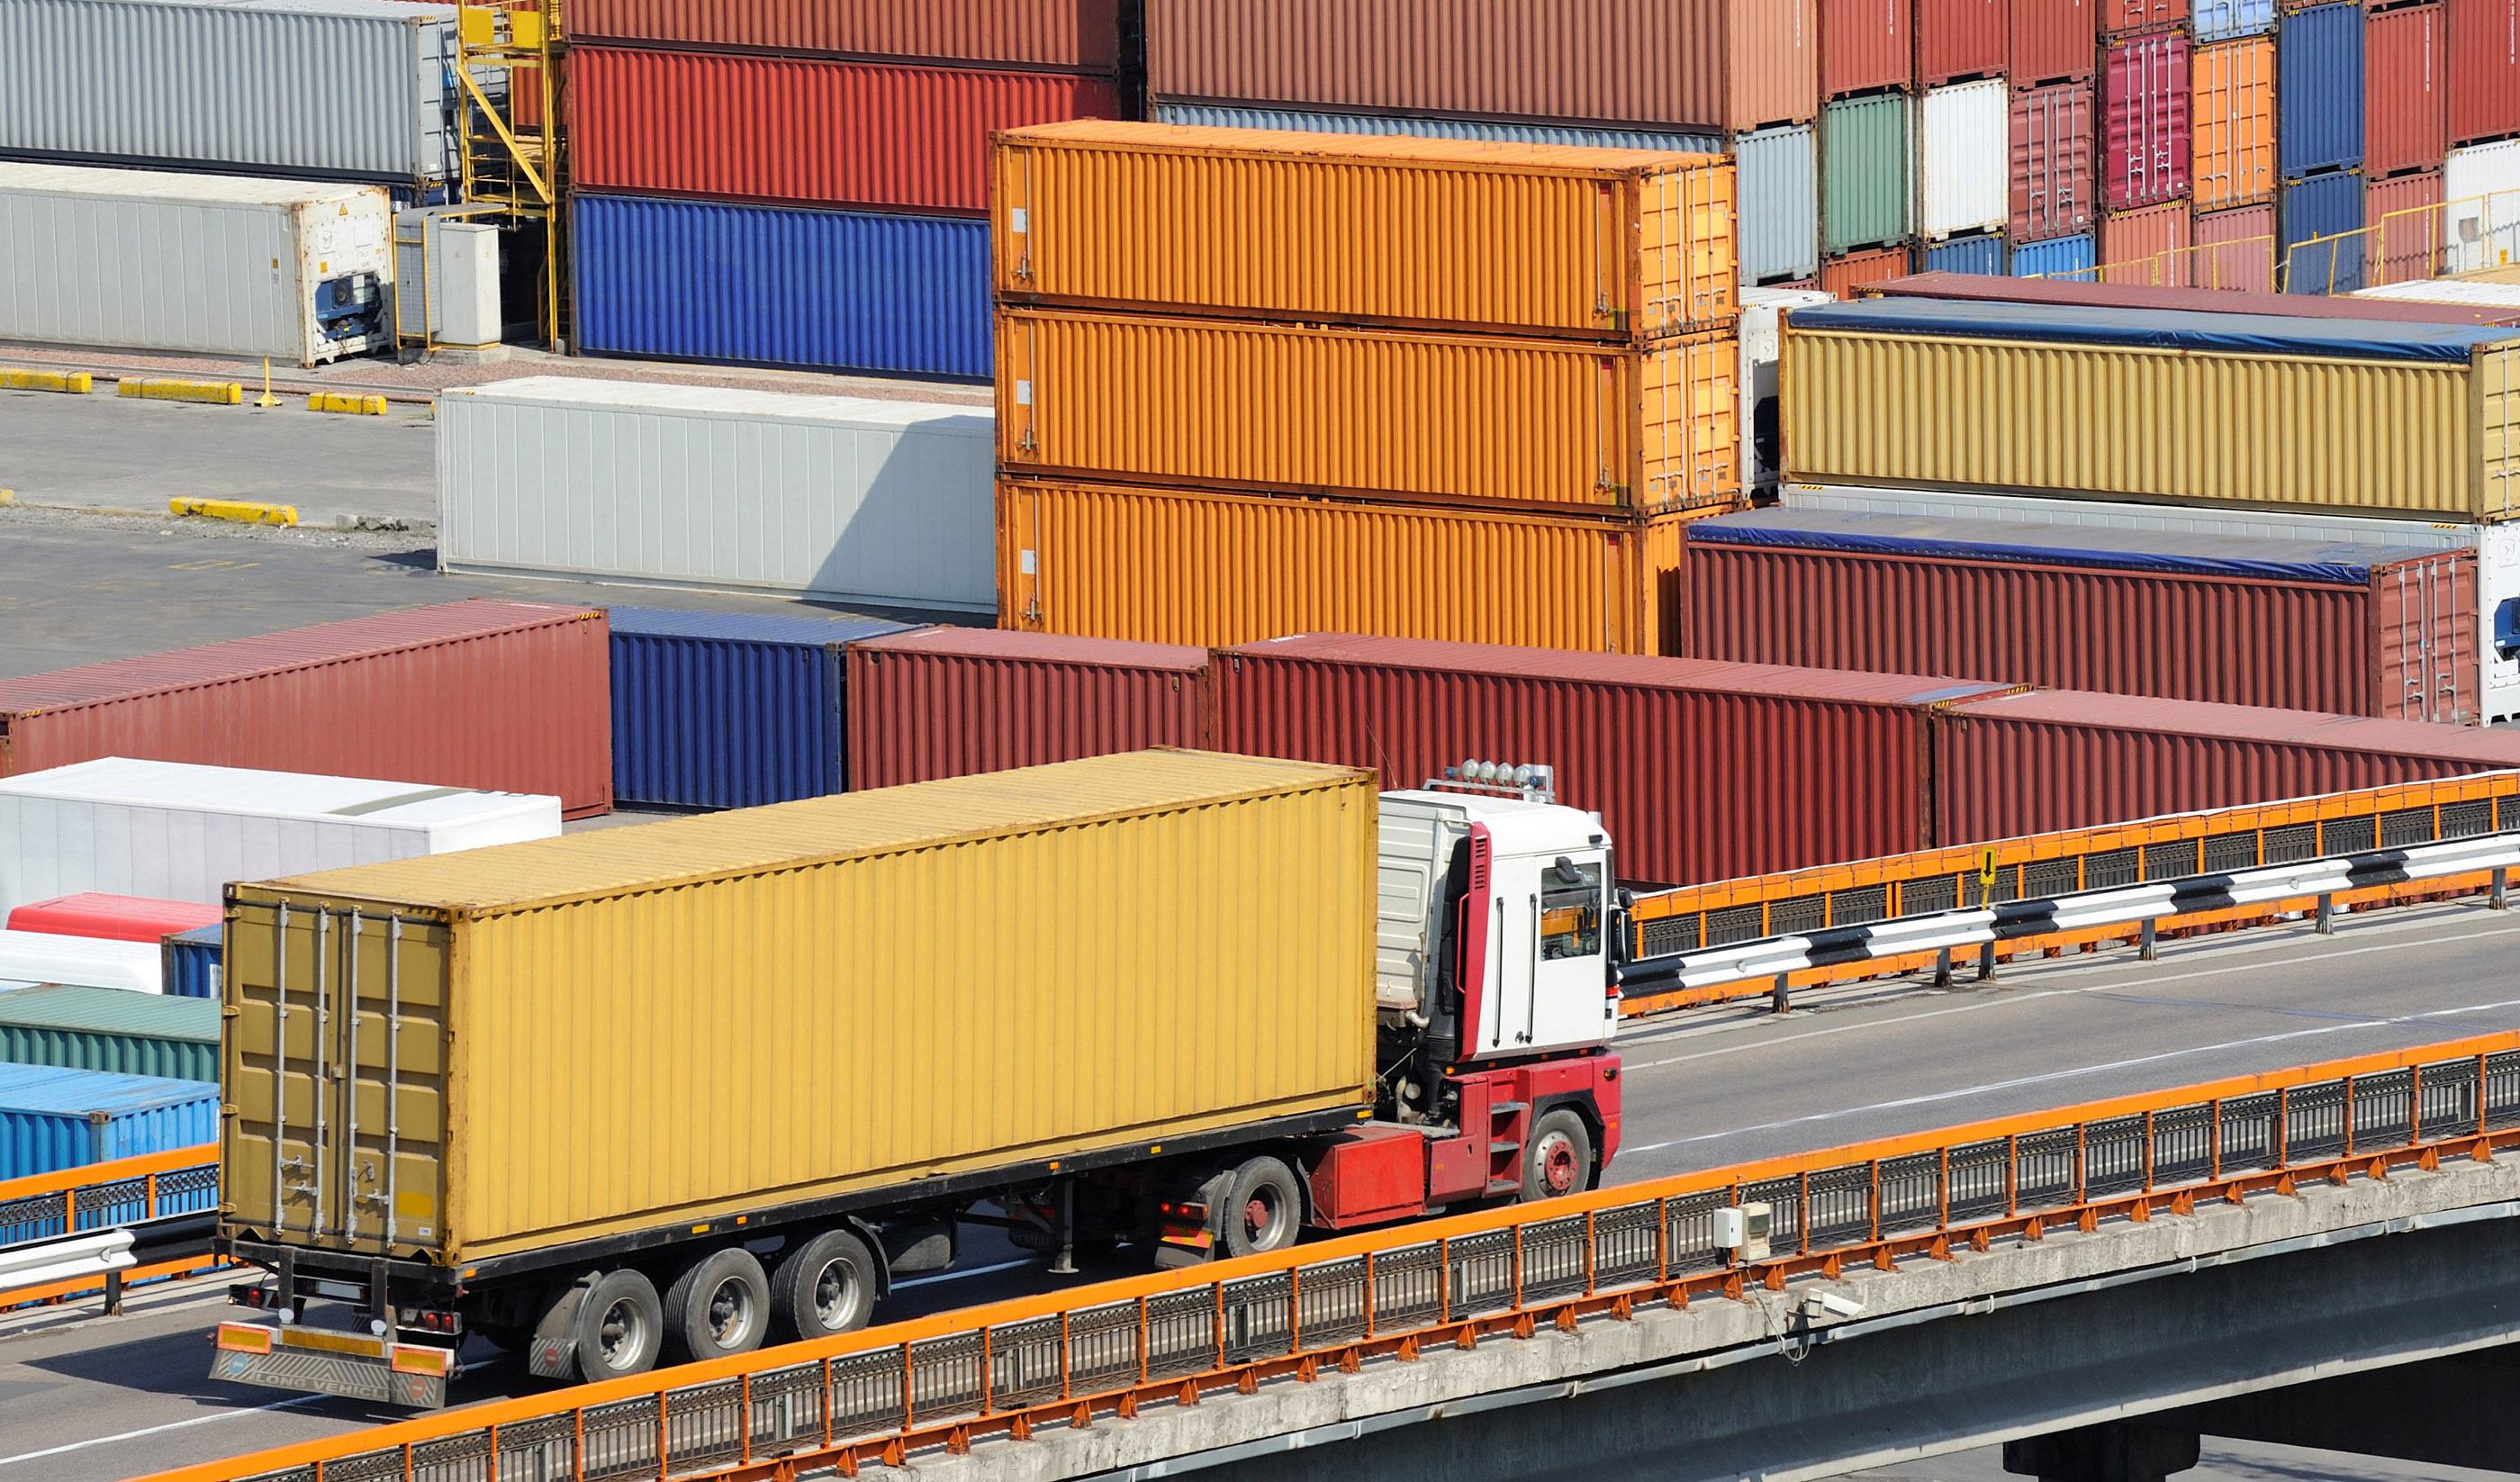 جلوگیری از قاچاق و شفافیت اقتصادی راهکار مقابله با تحریمهاست